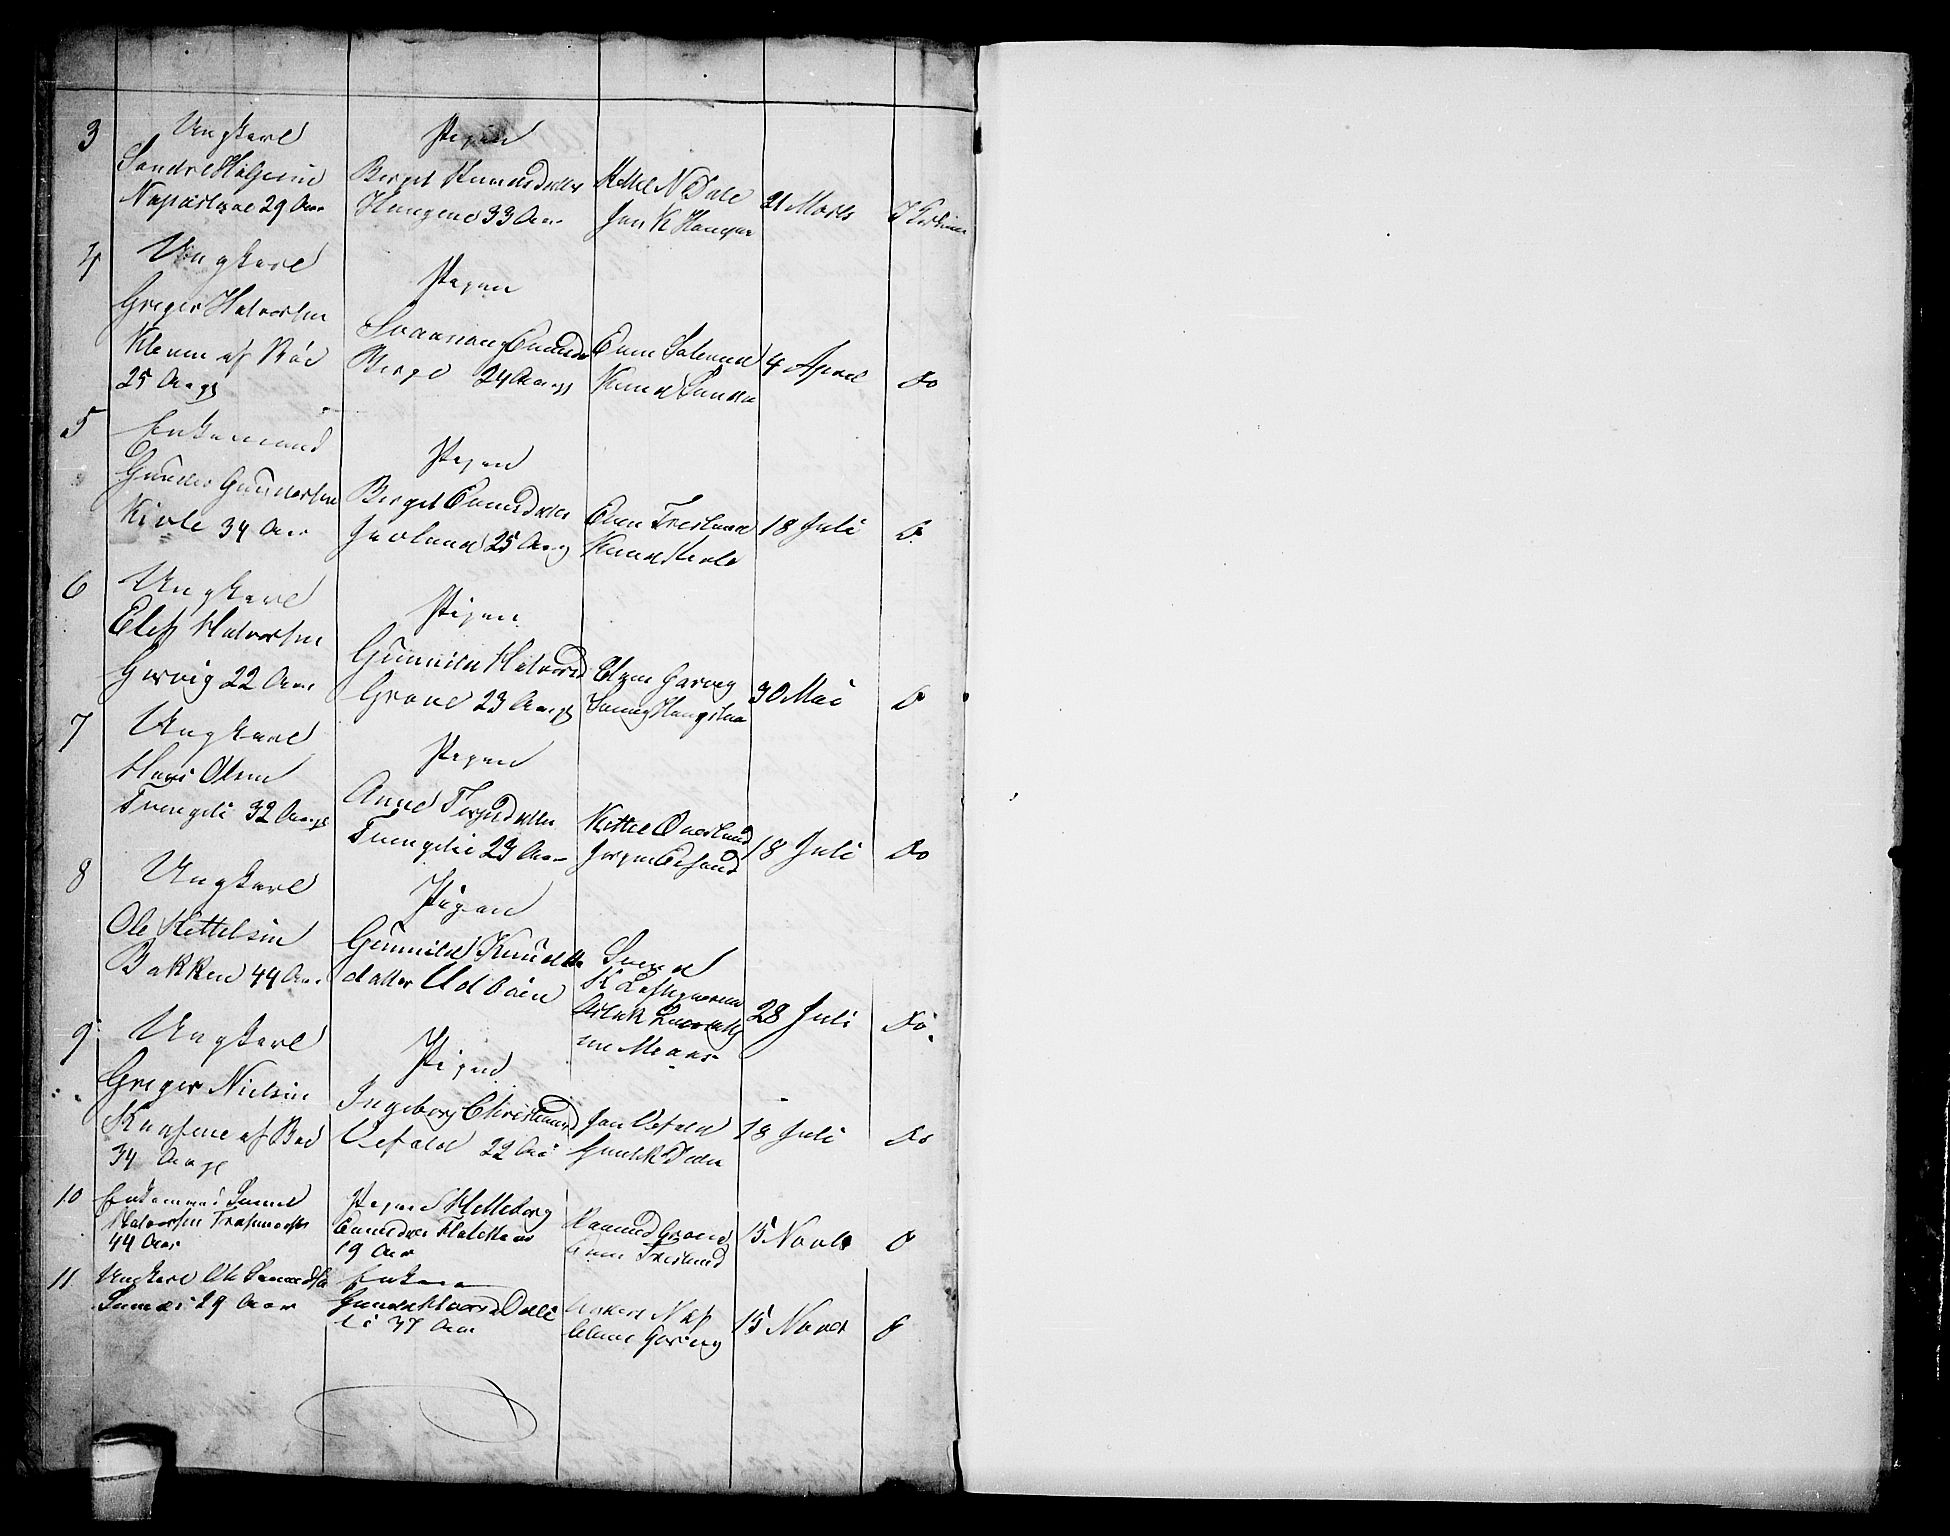 SAKO, Seljord kirkebøker, G/Ga/L0002: Klokkerbok nr. I 2, 1838-1866, s. 145